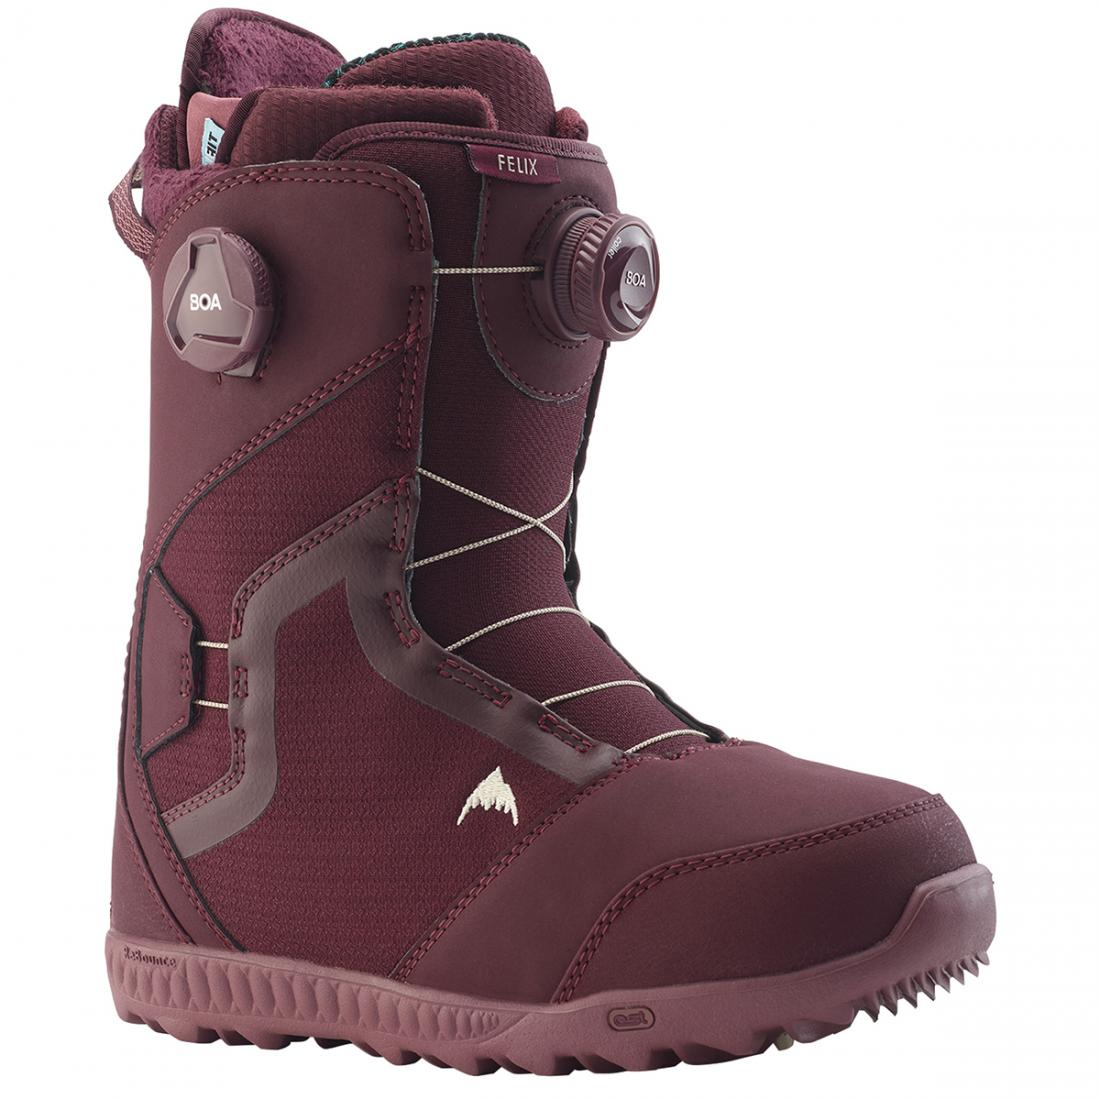 Ботинки для сноуборда Burton Felix BOA купить в Boardshop №1